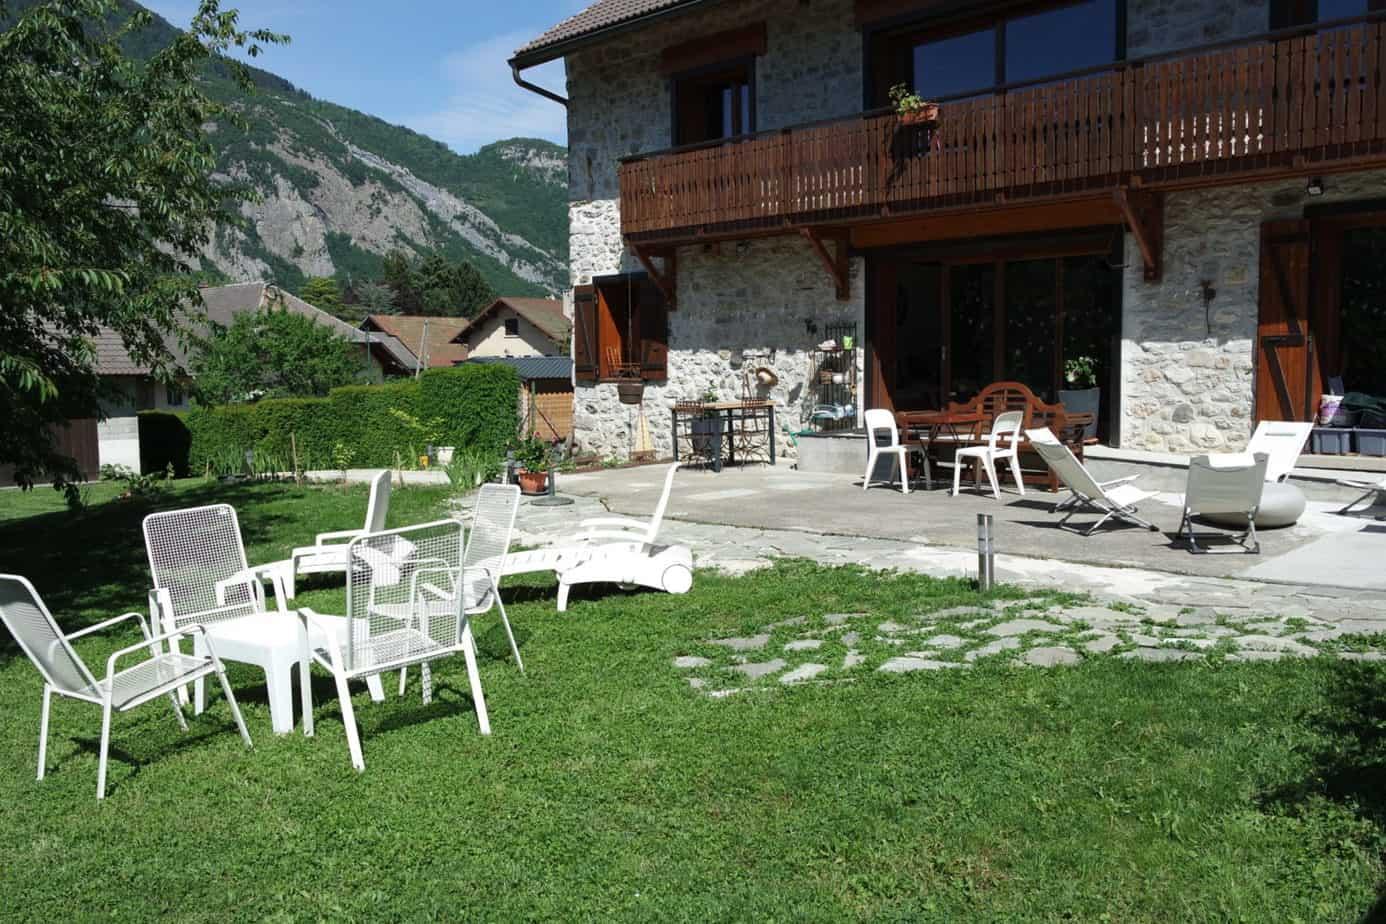 La terrasse du gite Chapô Julô offre un endroit calme et paisible